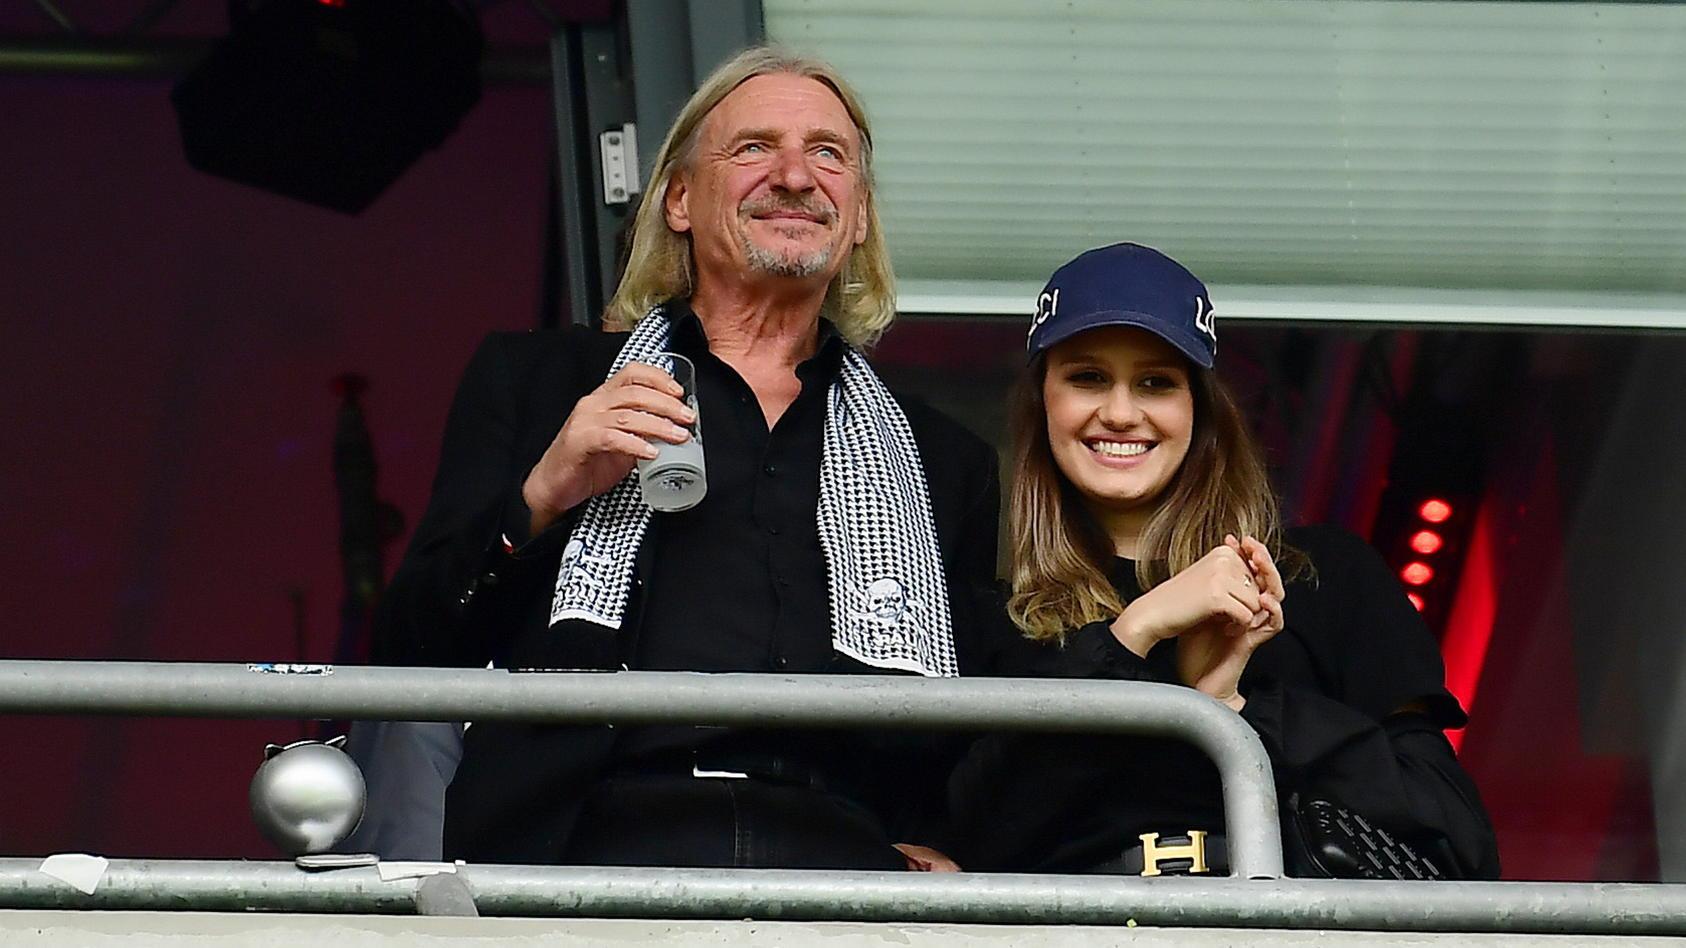 Frank Otto mit einer unbekannten Brünetten im St. Pauli Stadion in Hamburg.